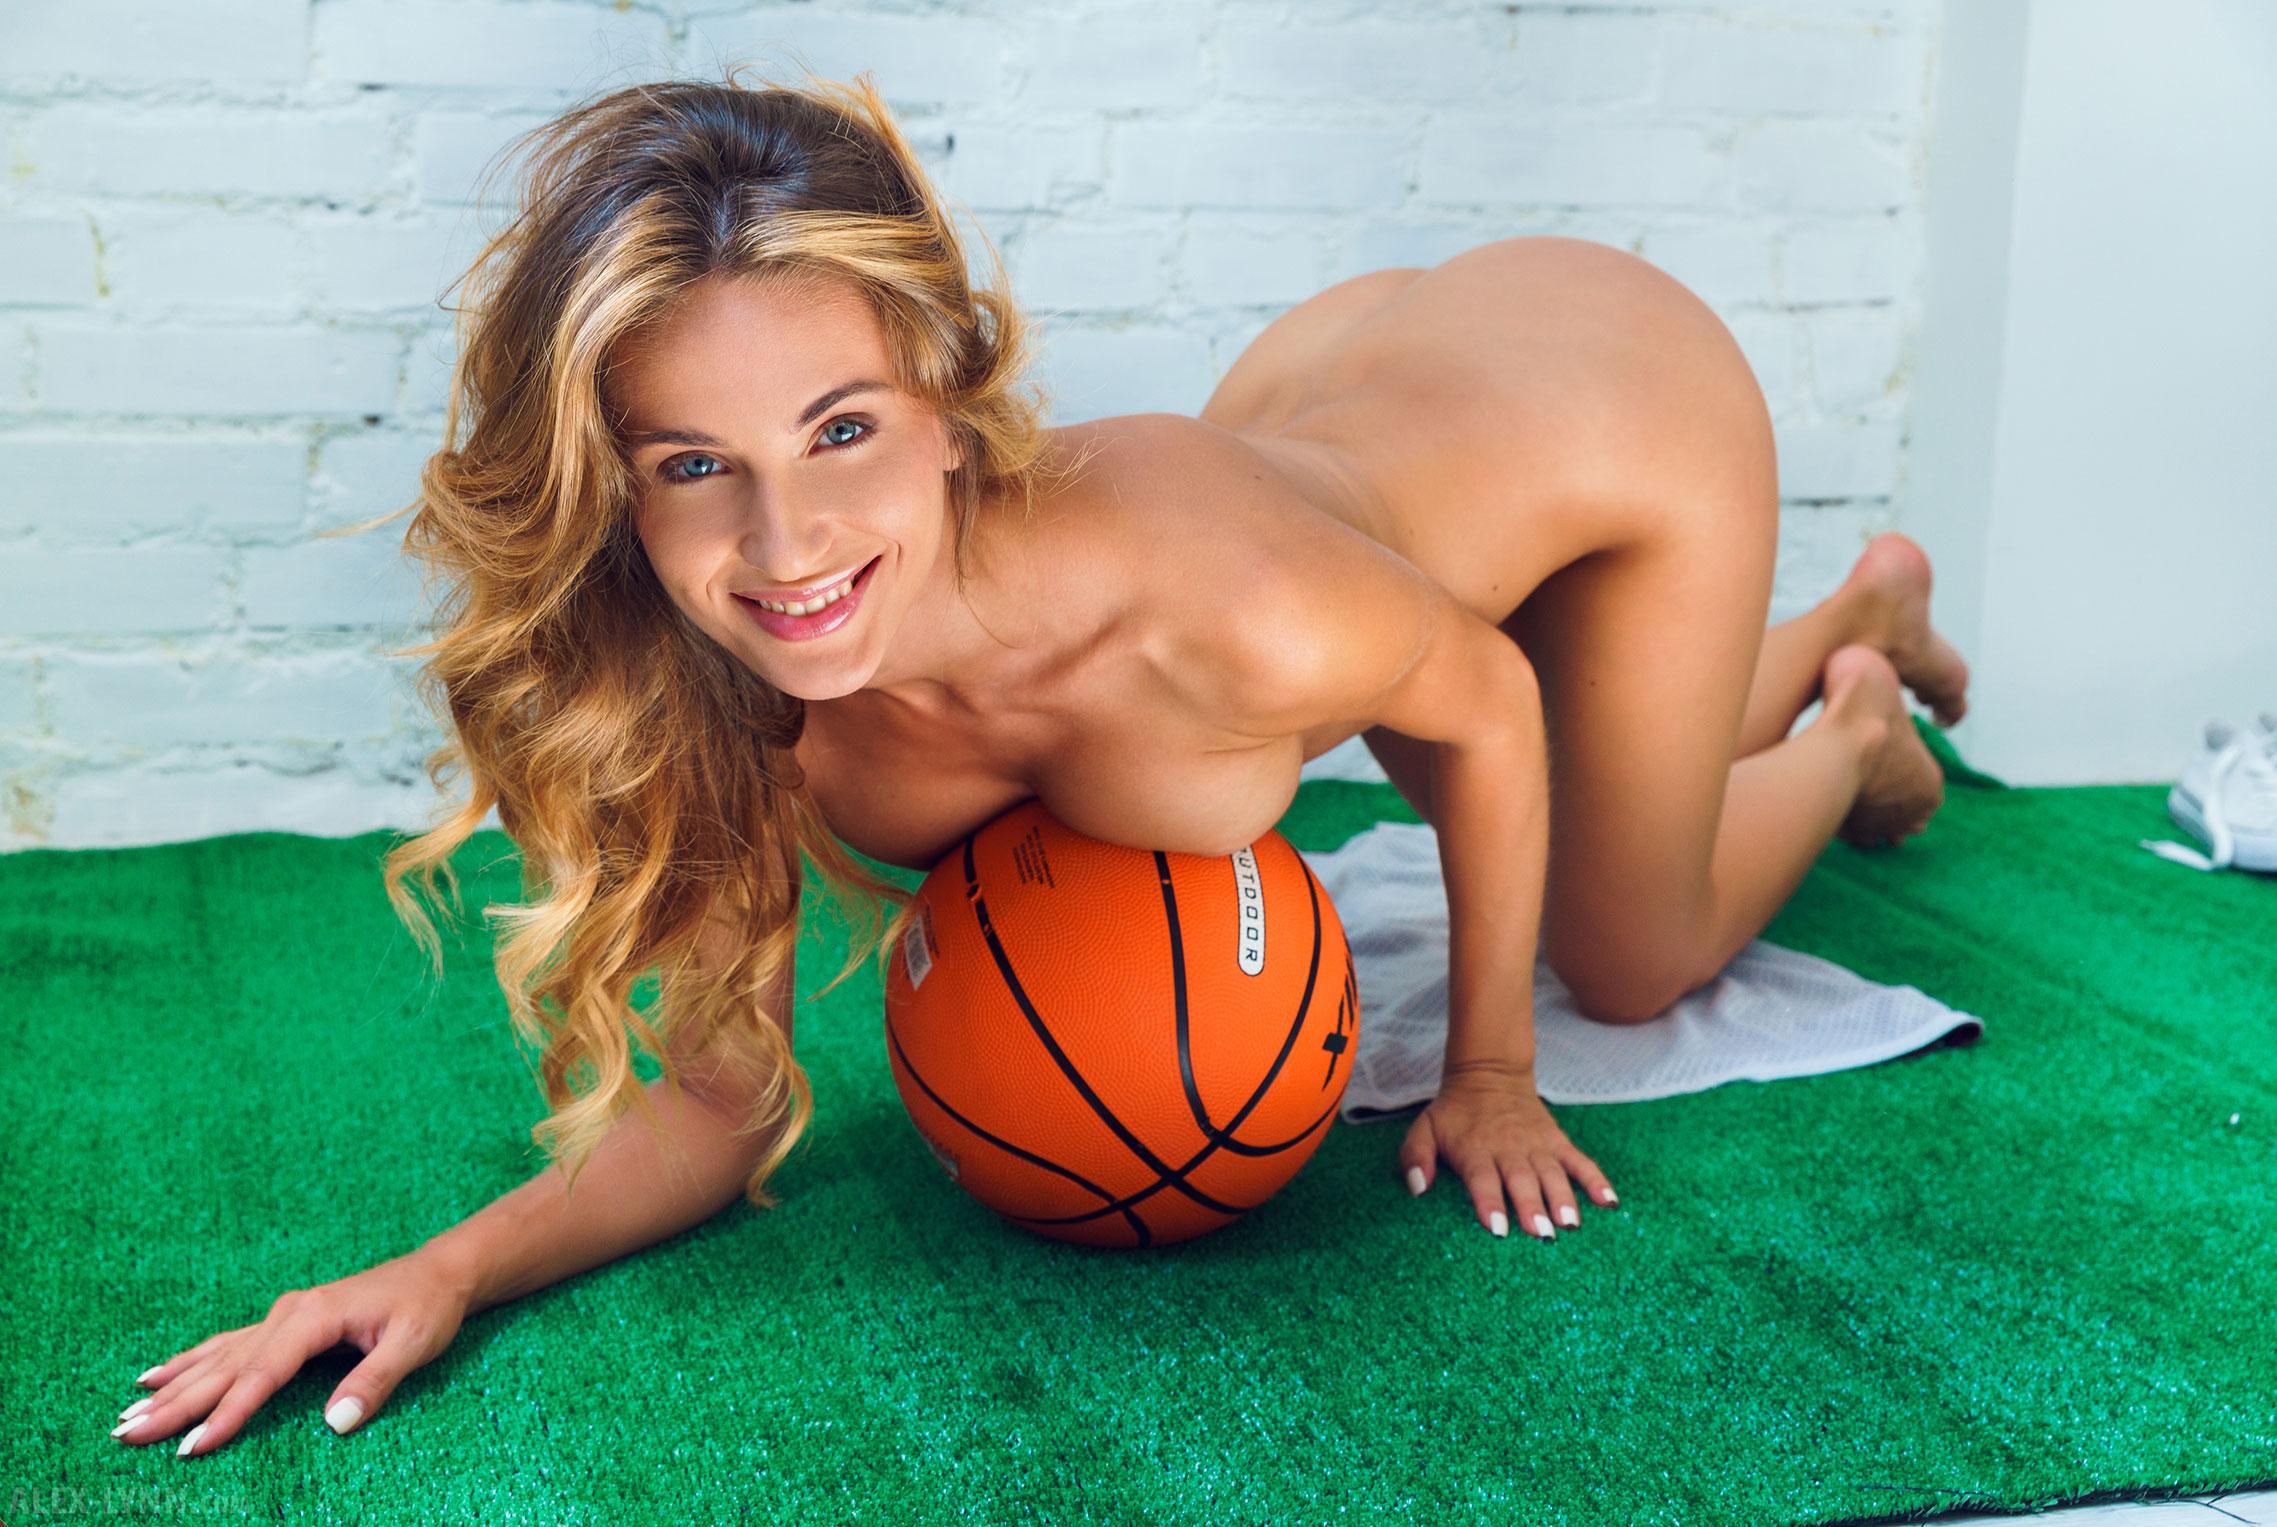 Играем в баскетбол красиво / голая Наталья Войнар с баскетбольным мячом / фото 27